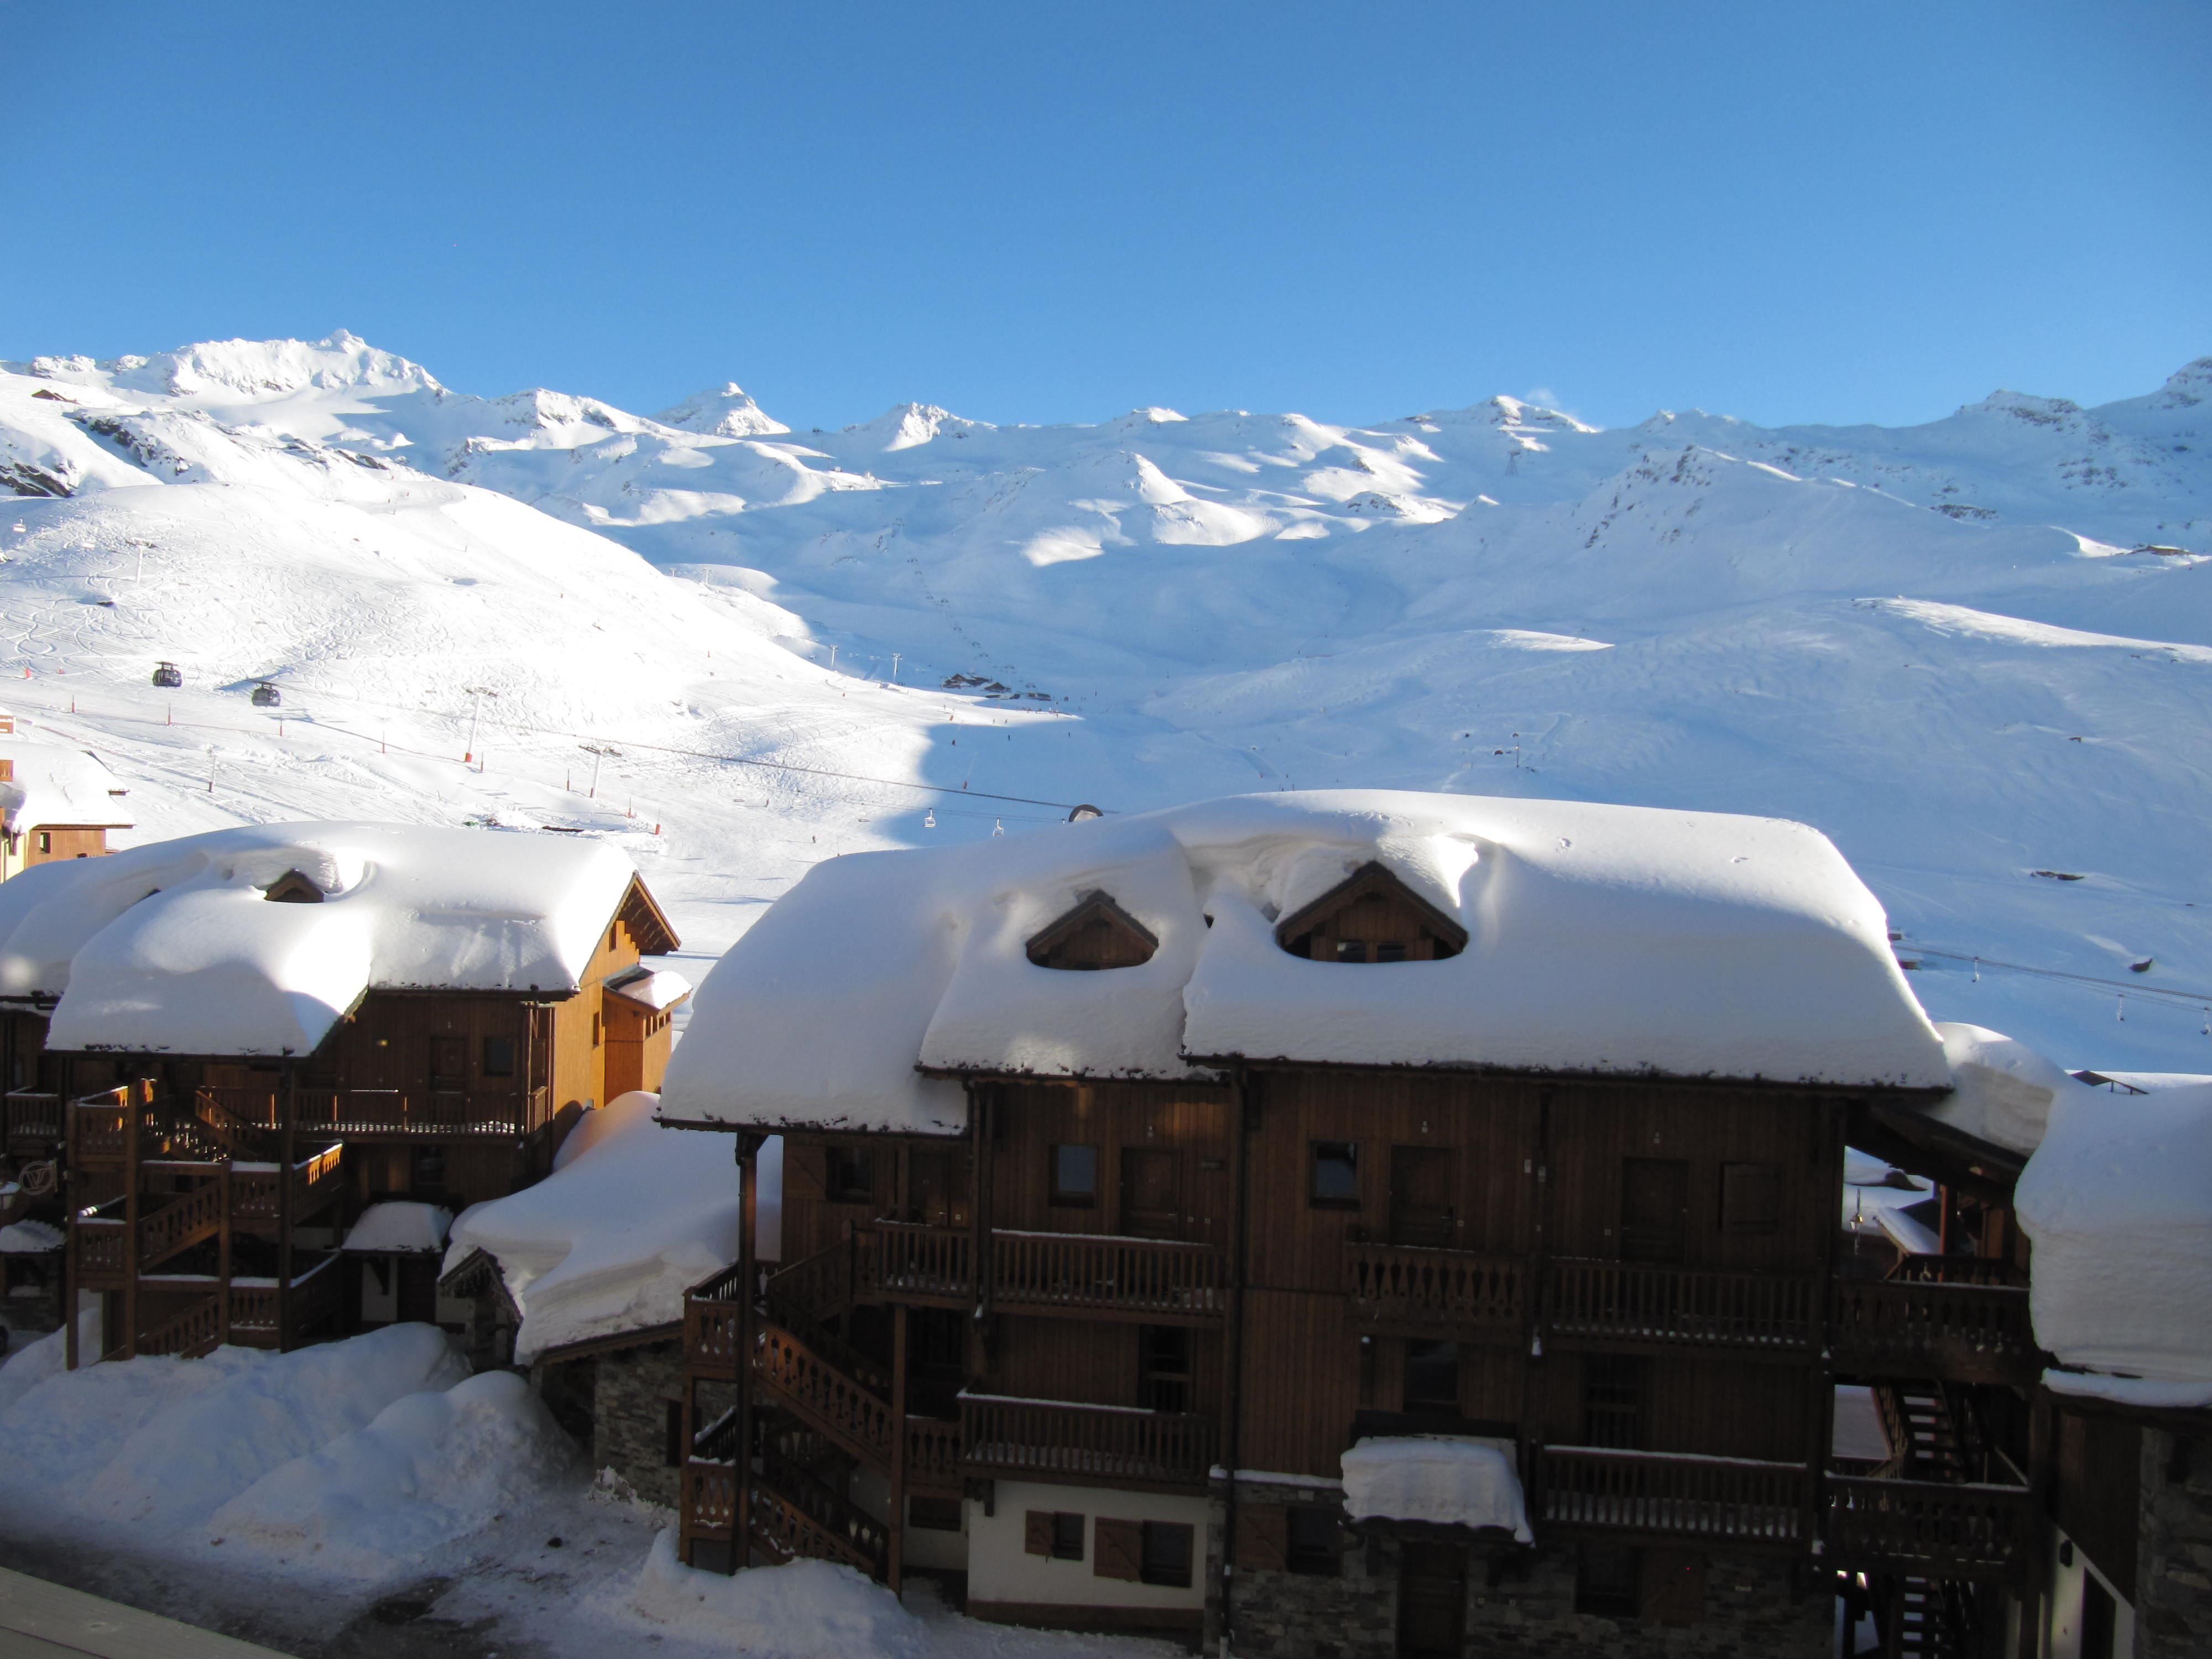 Lauzières 310 > Studio + Cabin - 3 Persons - 2 Bronze Snowflakes (Ma Clé IMMO)